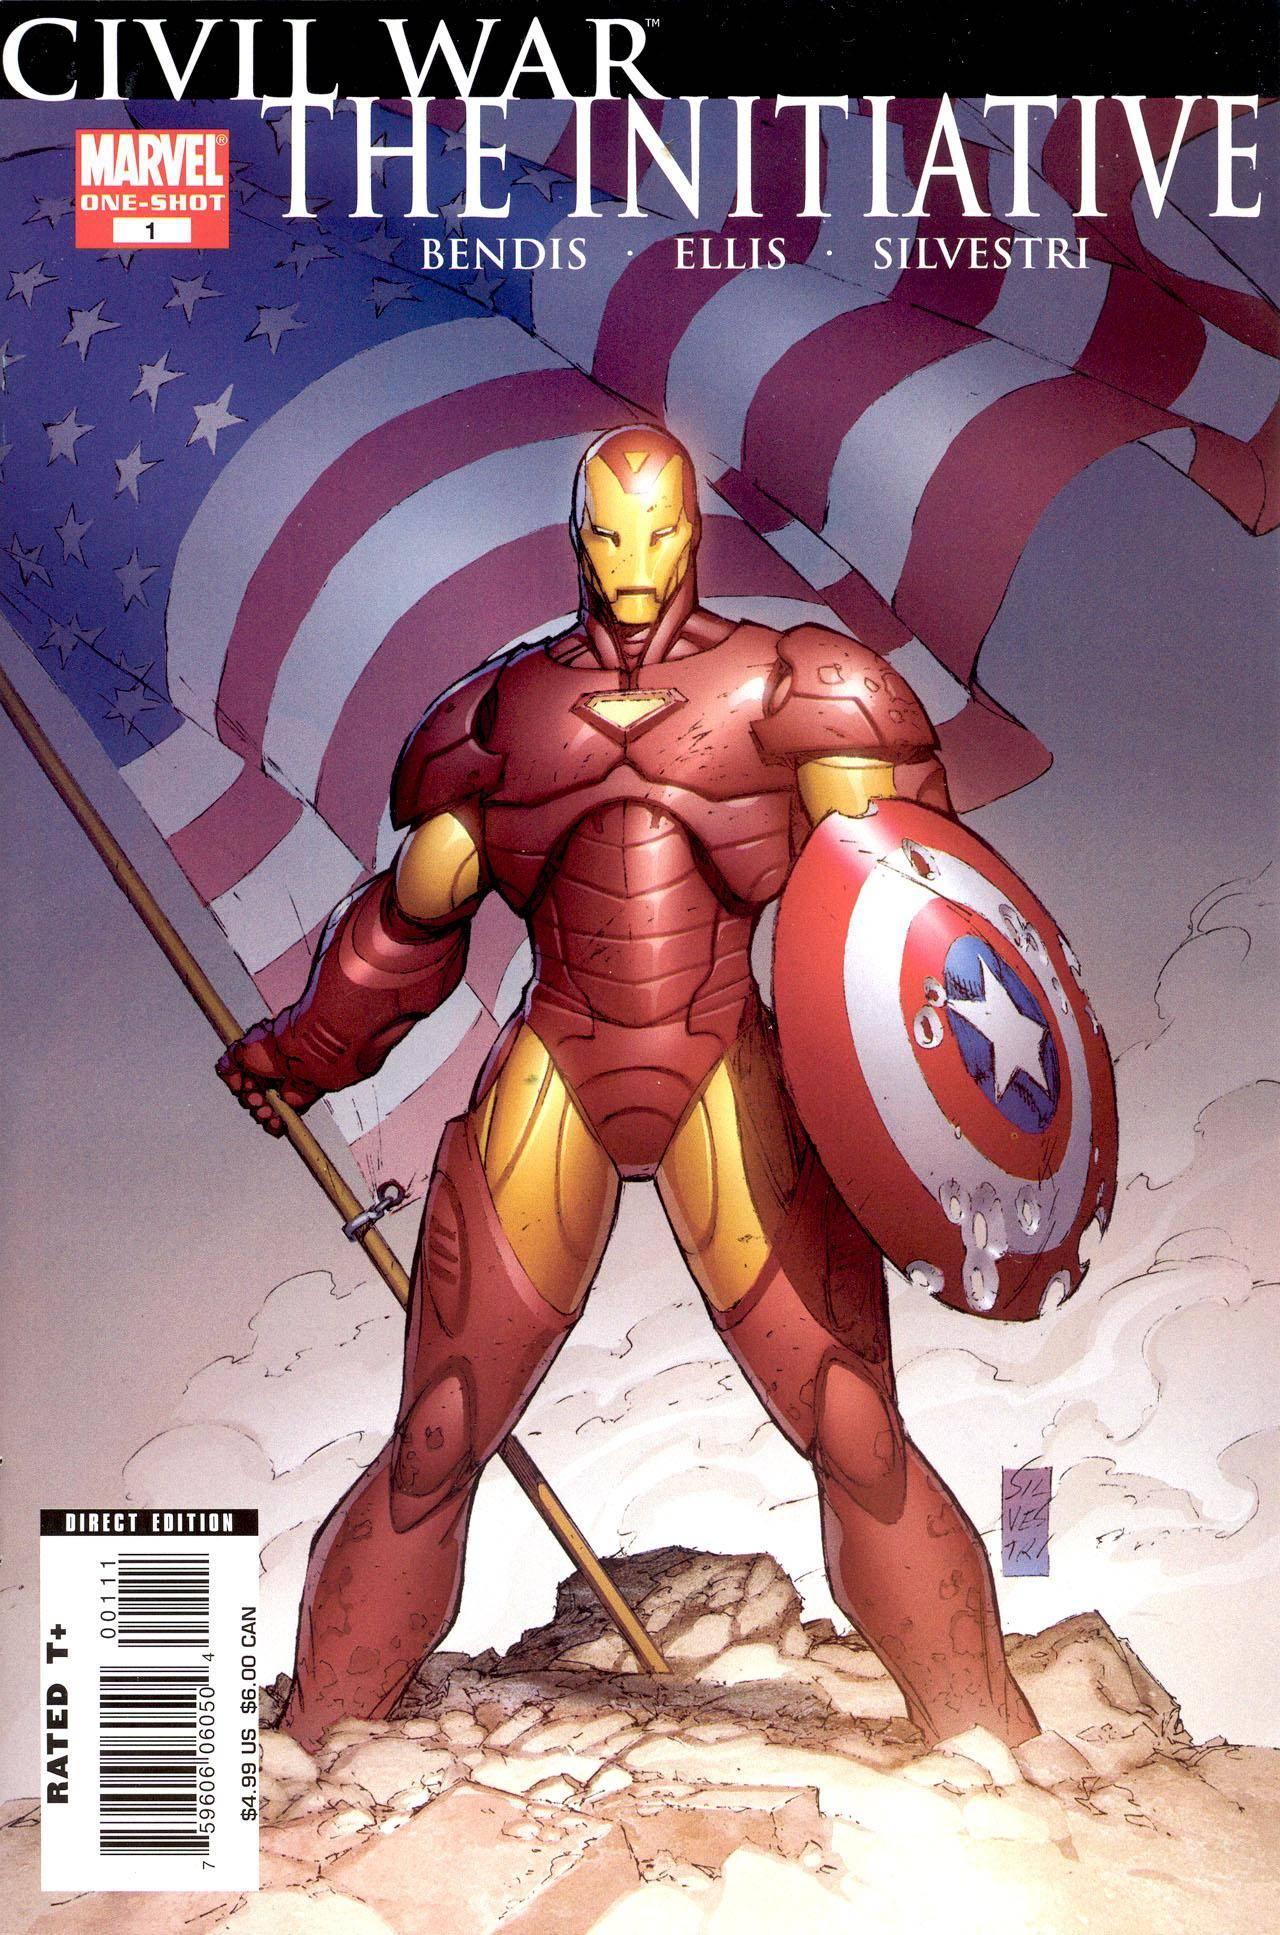 Civil War - The Initiative